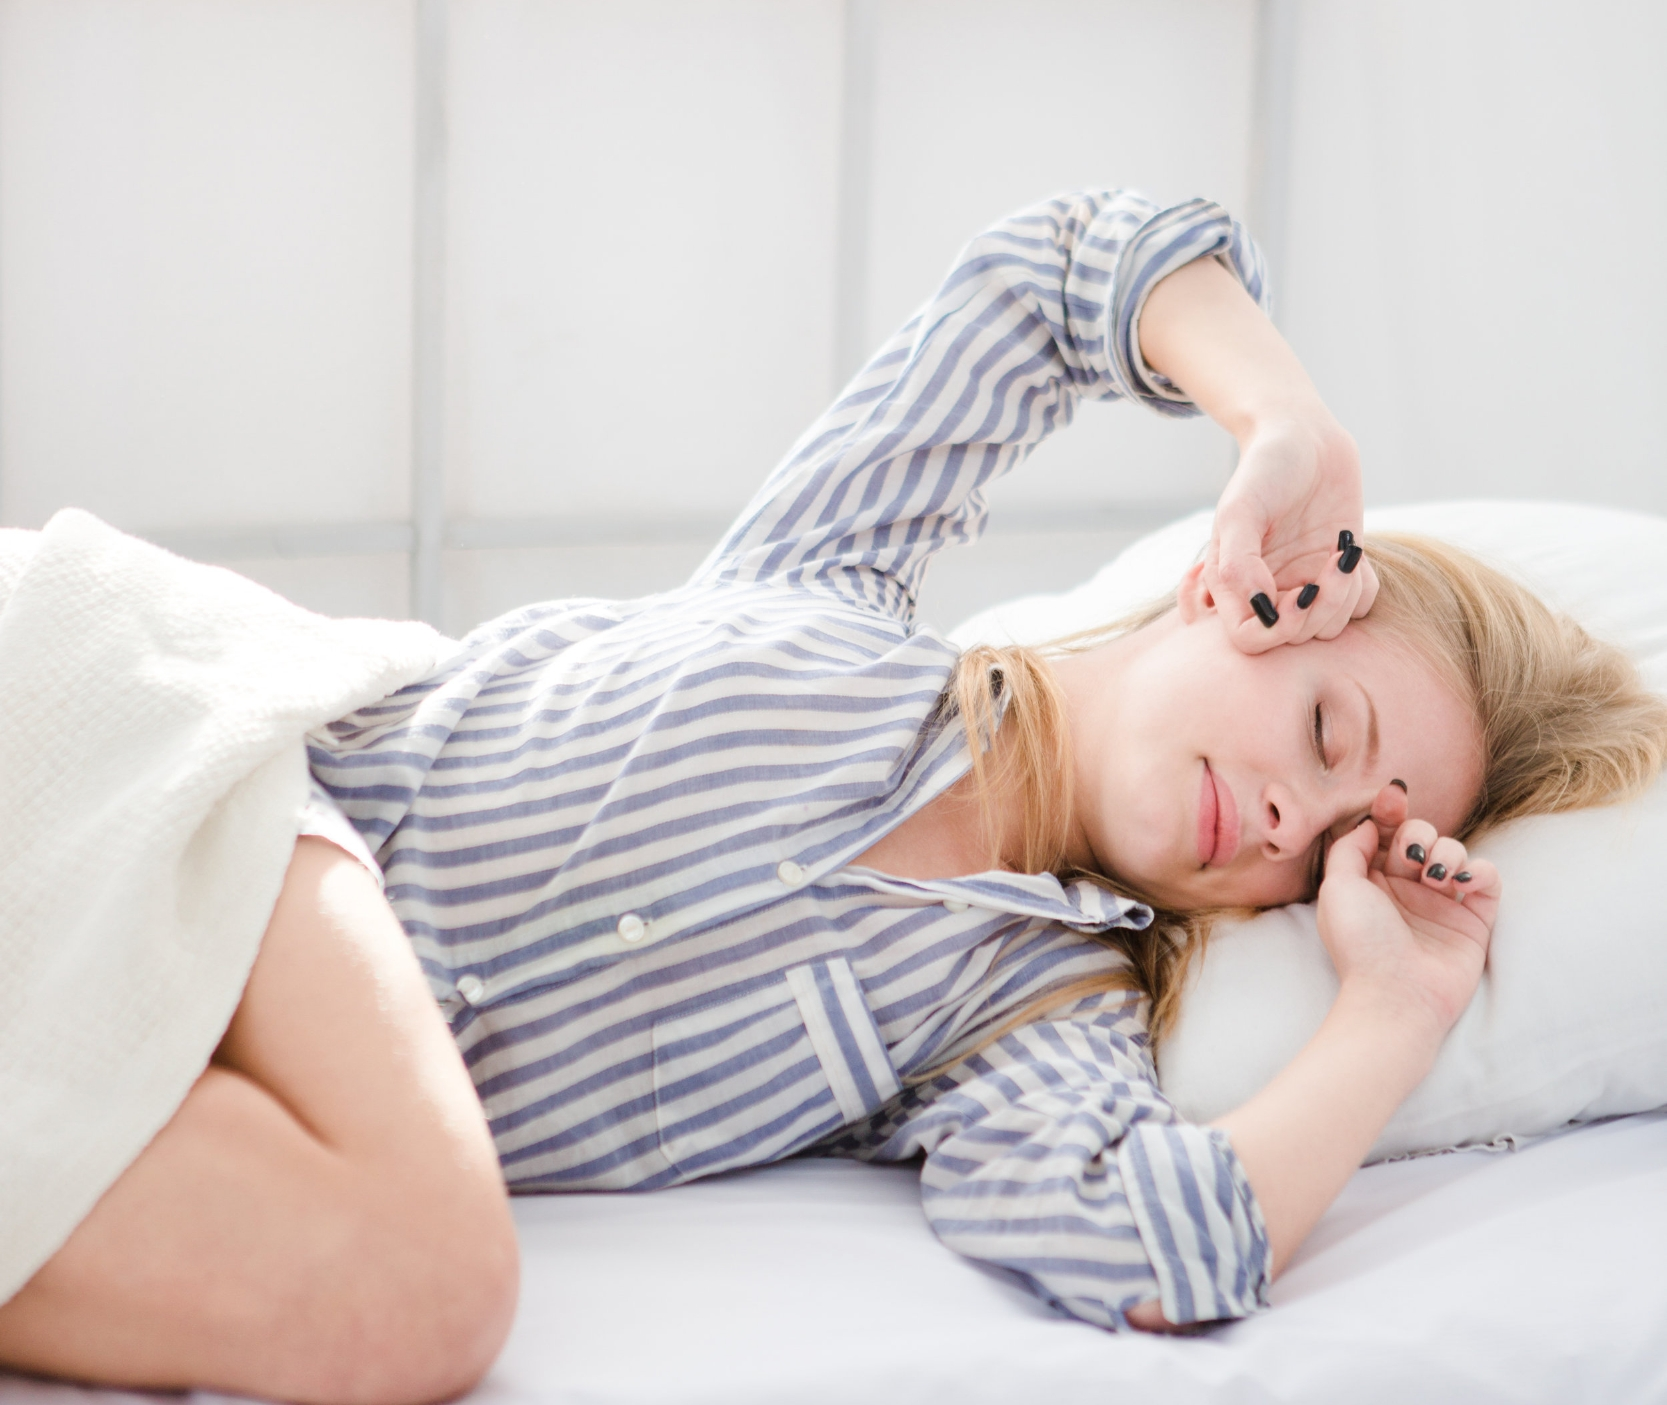 bigstock-Young-beautiful-natural-blonde-109235228.jpg